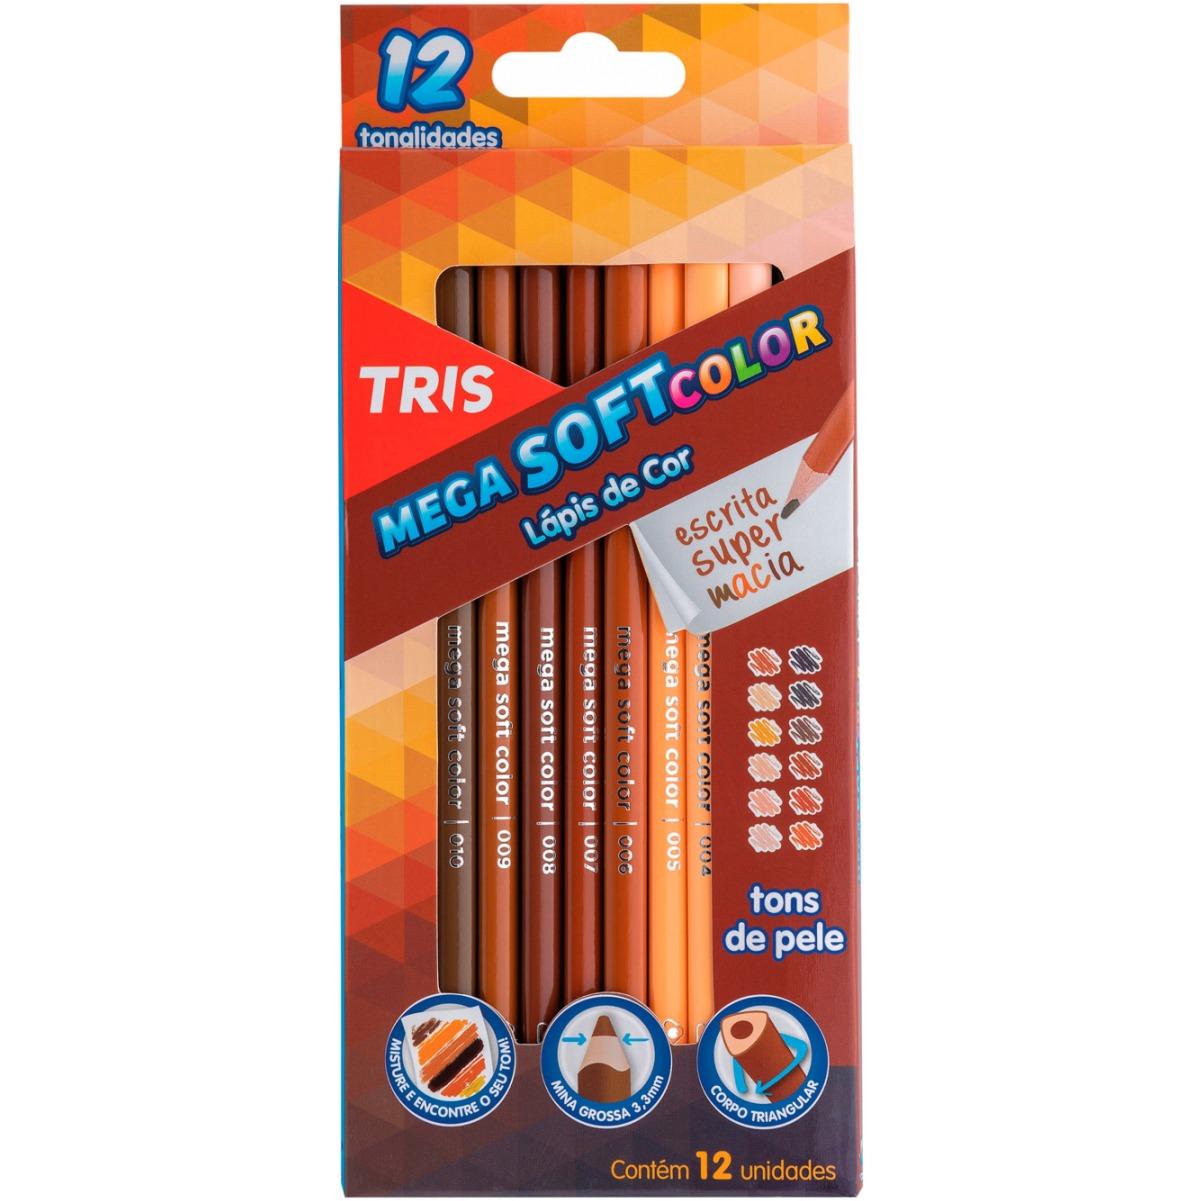 Lápis de Cor Tris Mega Soft Color Tons de Pele 12 Cores